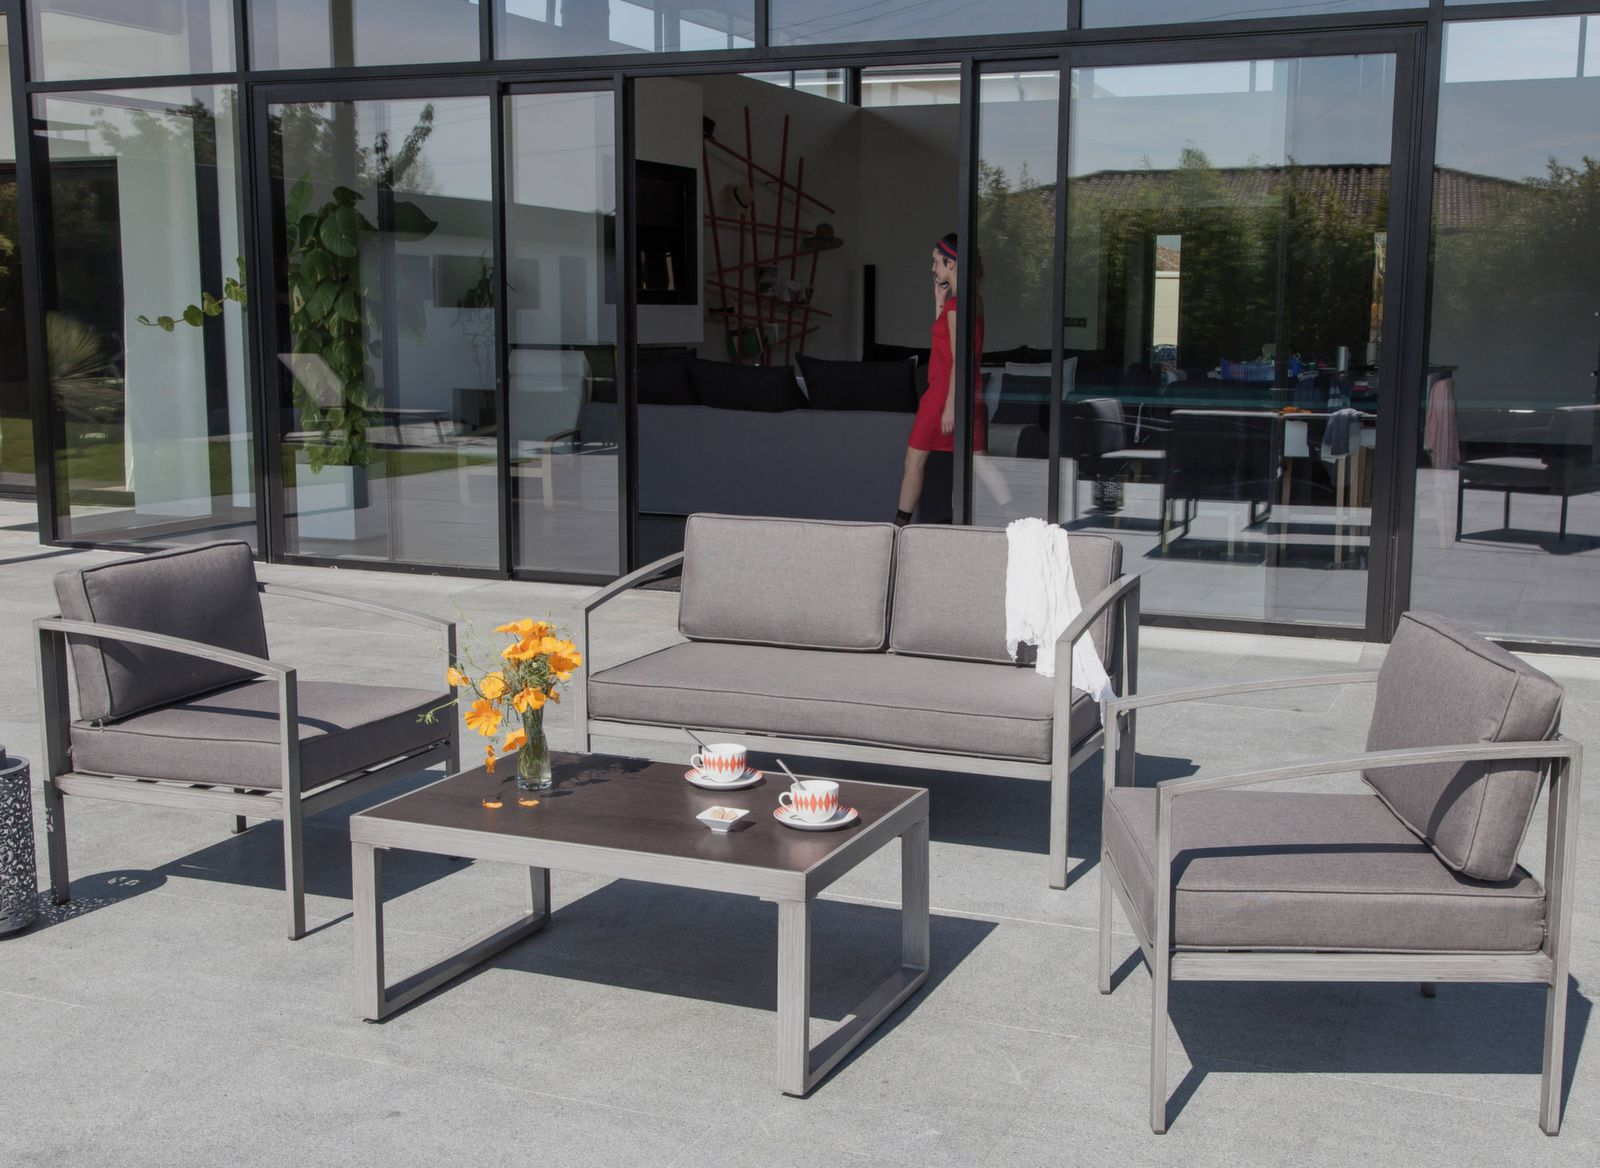 Salon de jardin Trieste - Mobilier extérieur détente - Proloisirs